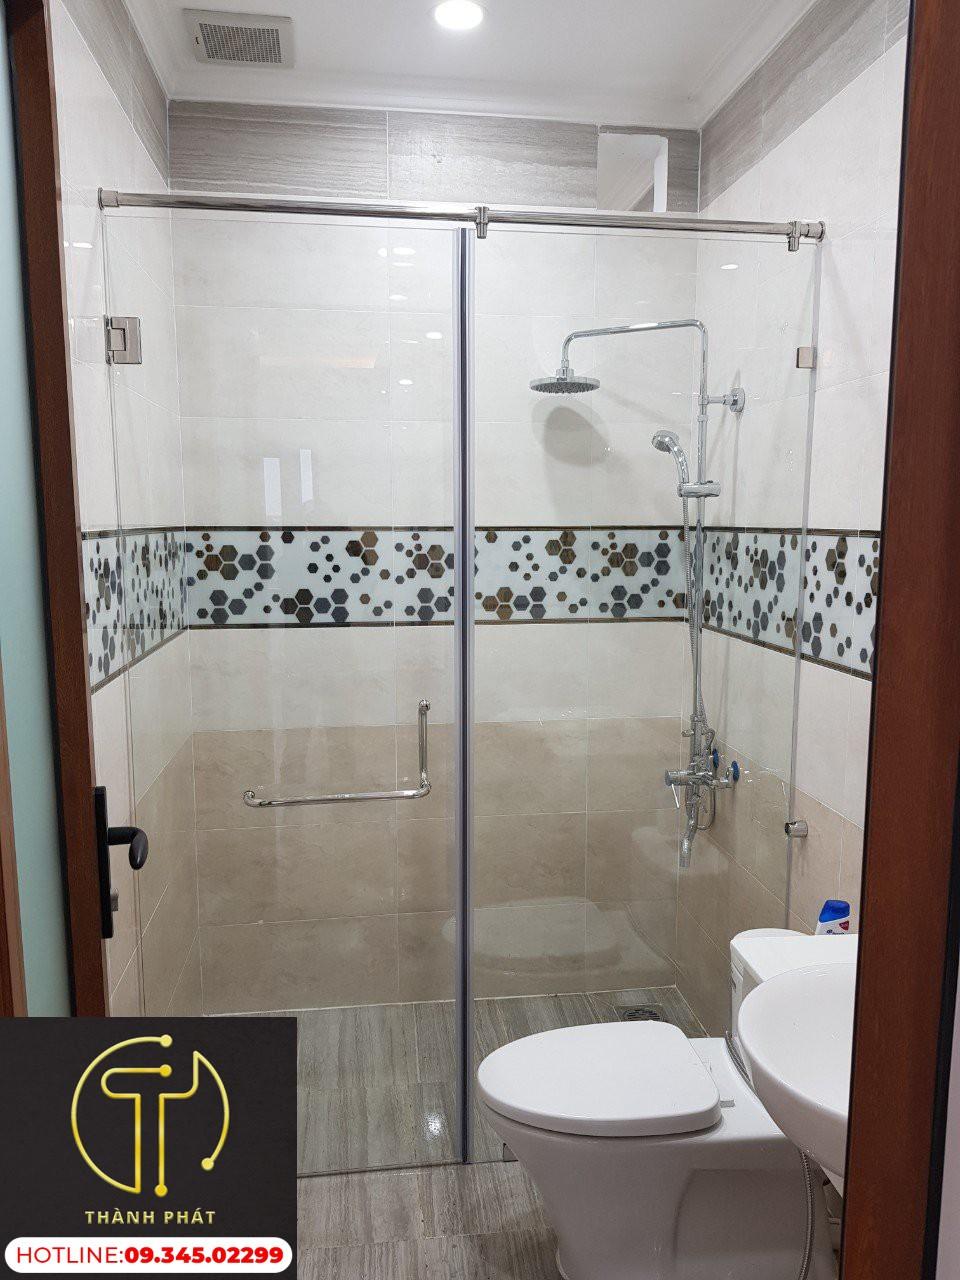 Vác ngăn phòng tắm loại cửa mở 180 Độ